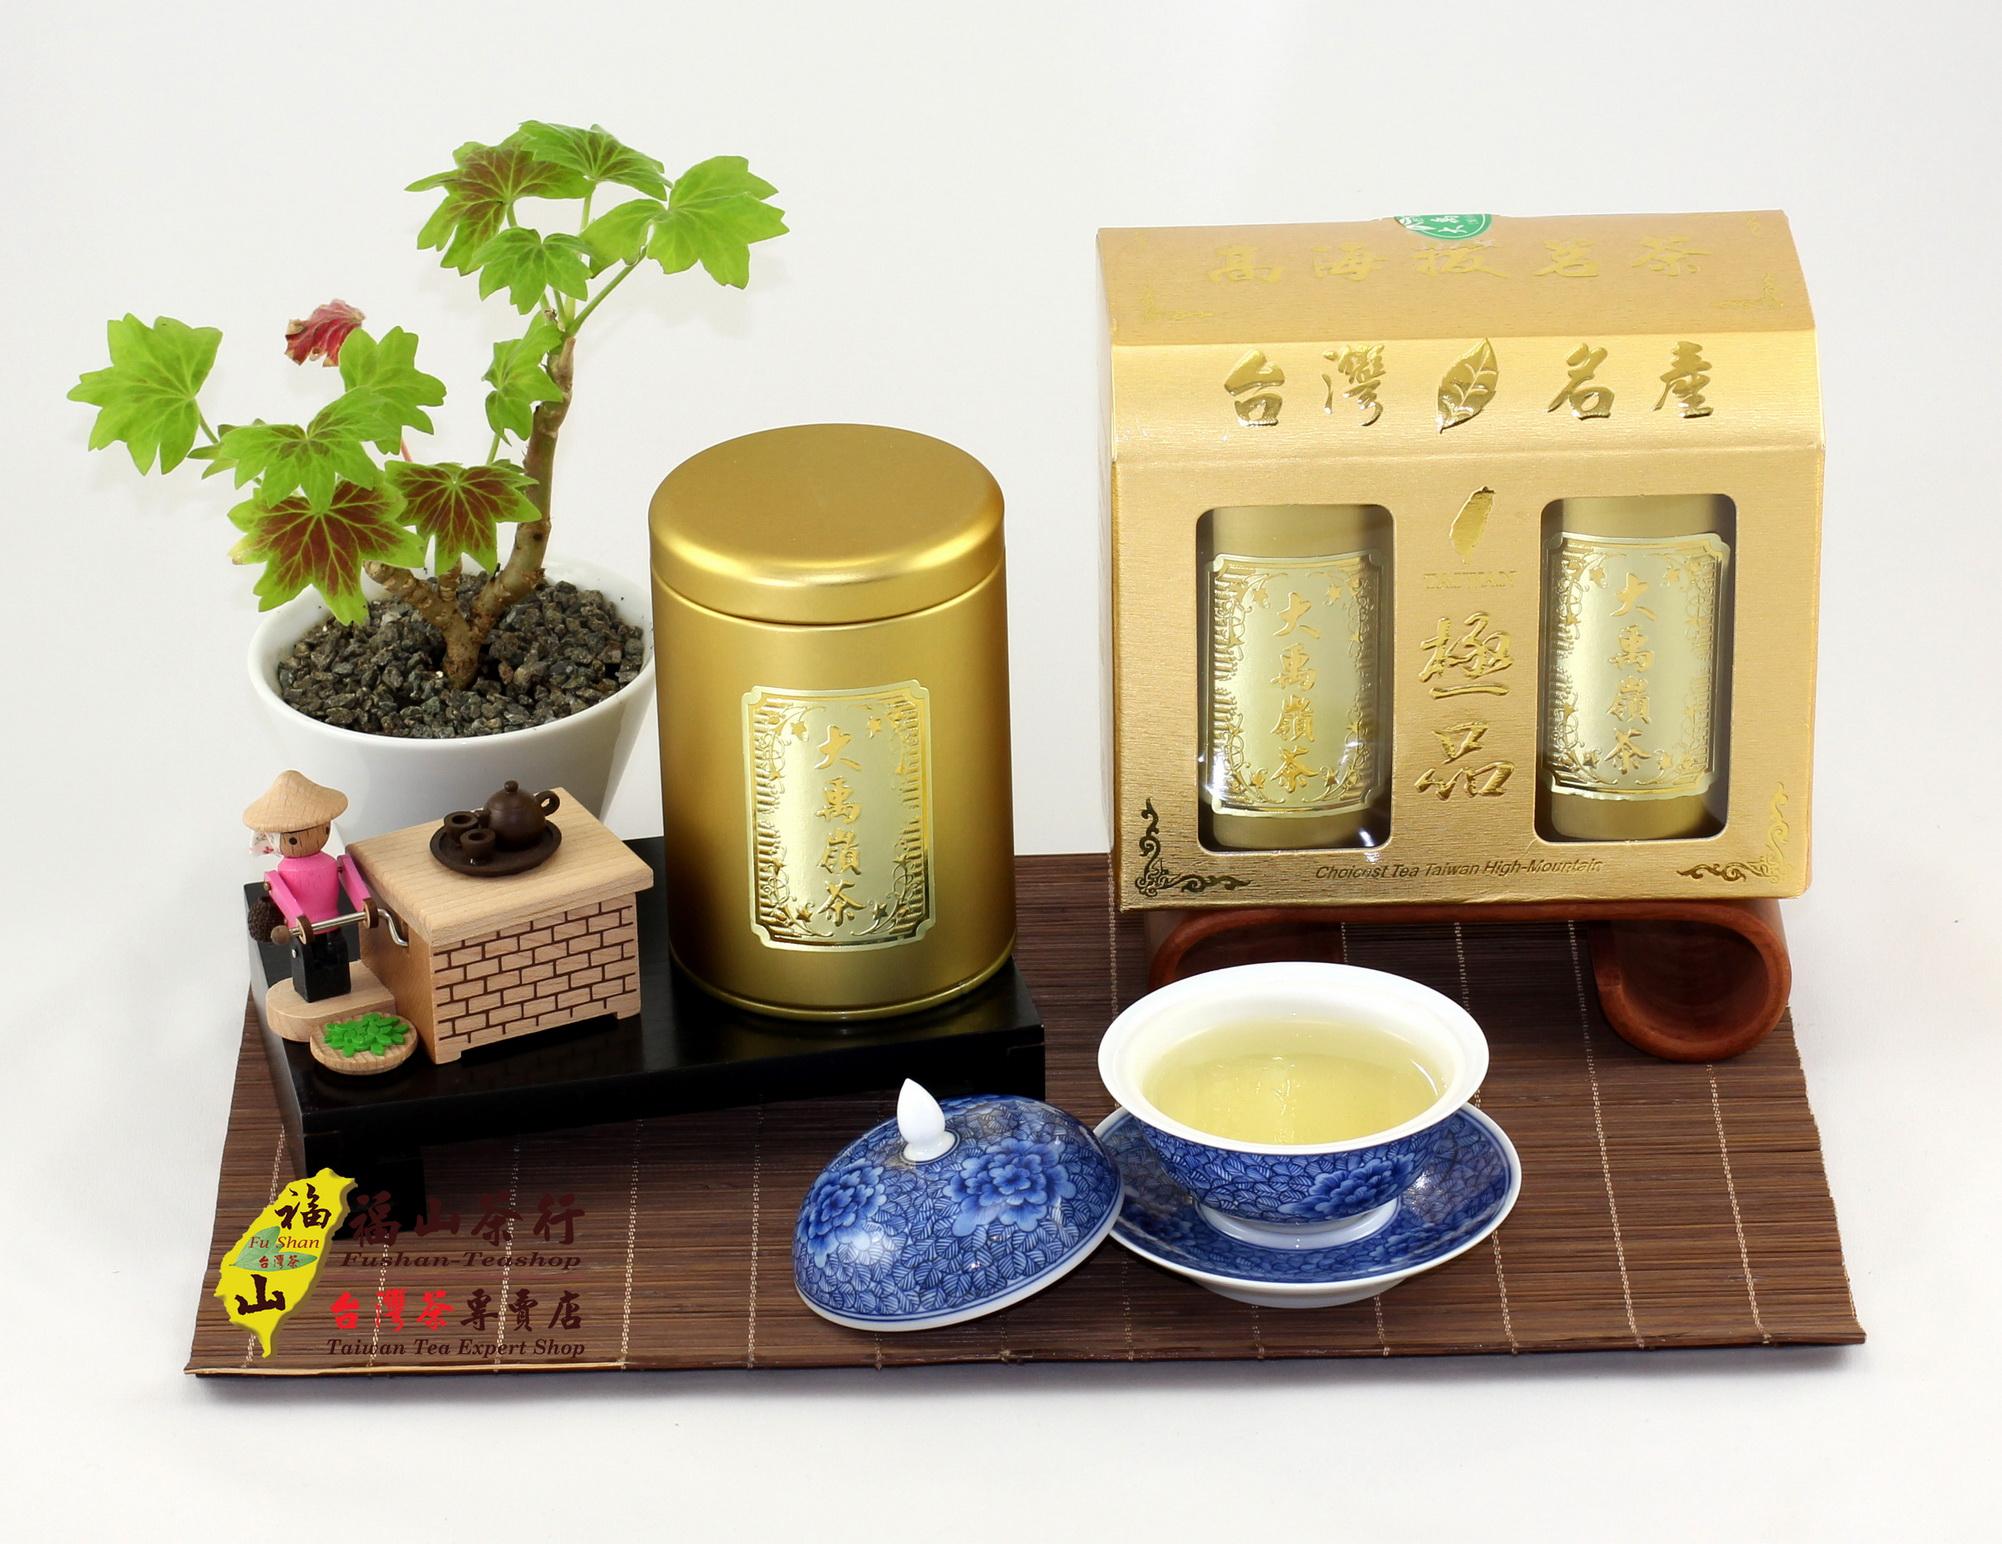 黃金大禹嶺茶【清香型】